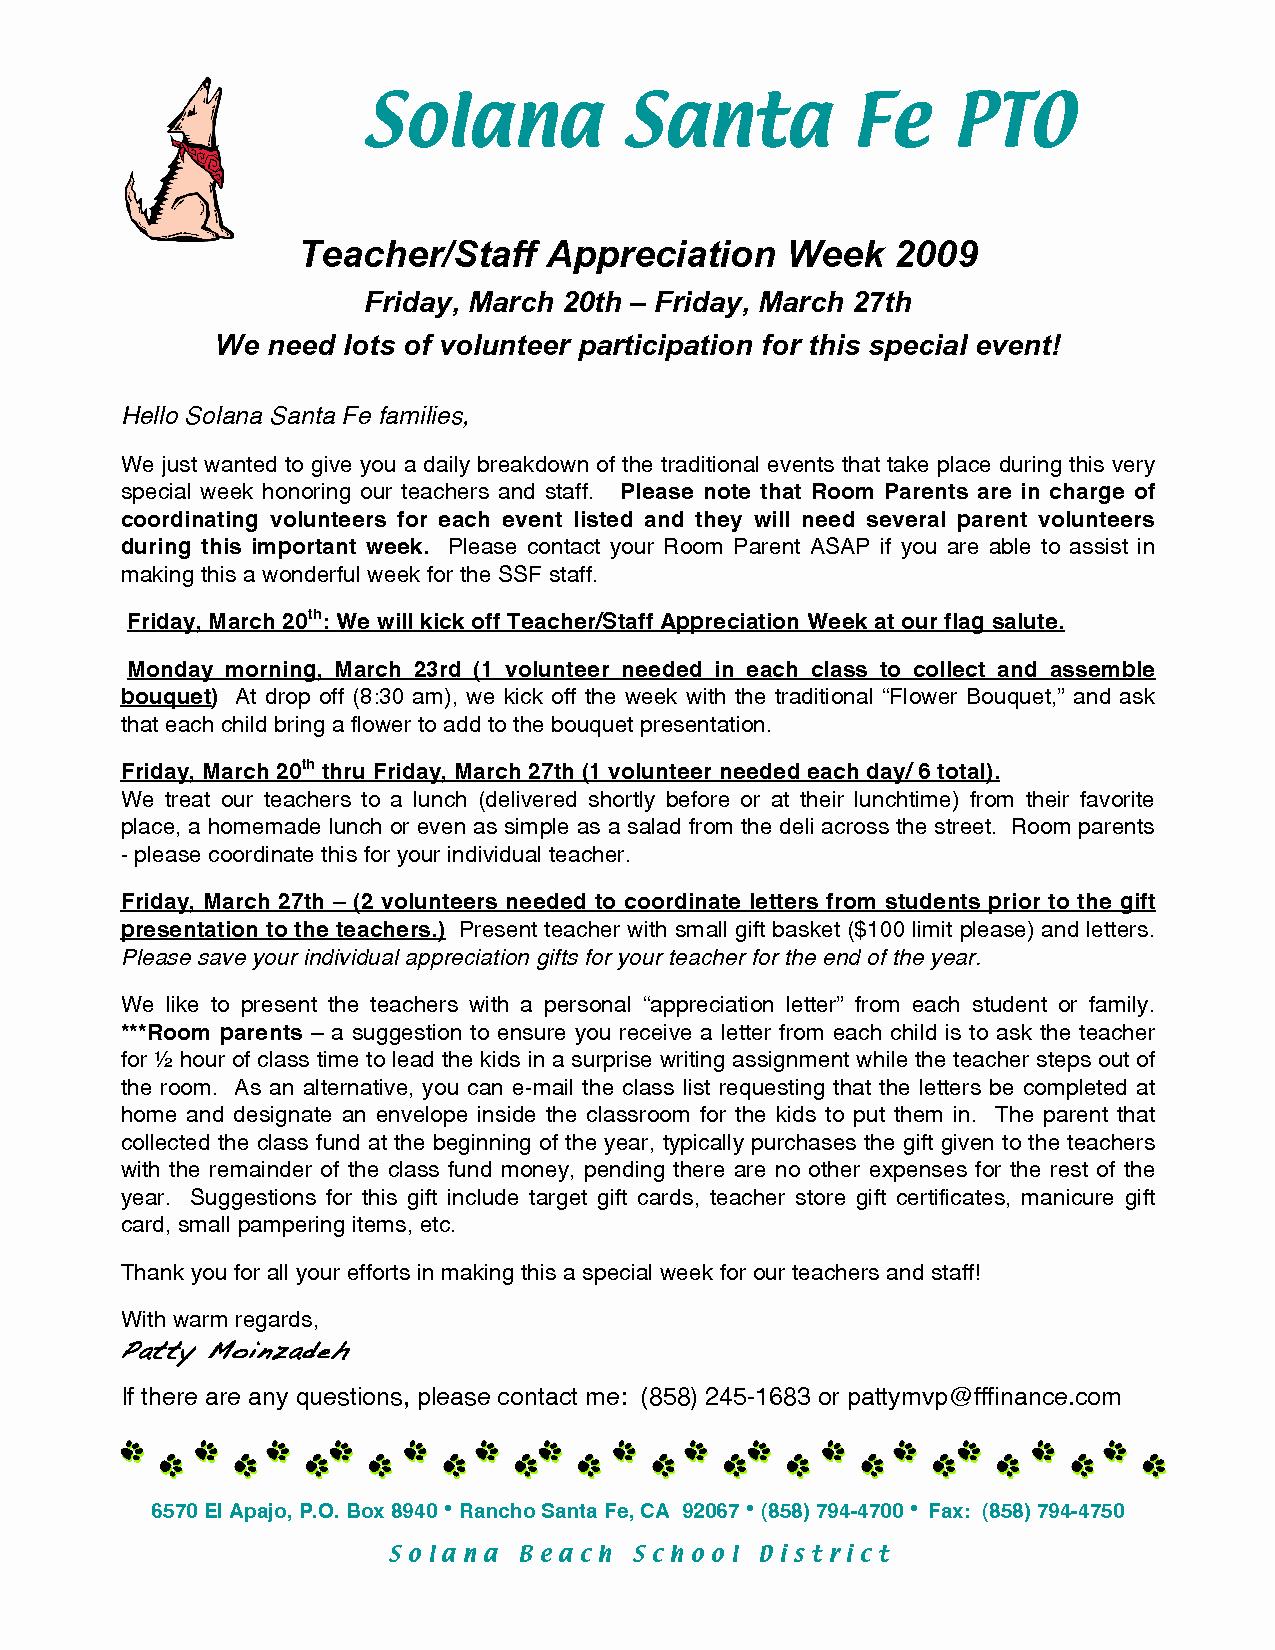 Beautiful Teacher Appreciation Letter Sample